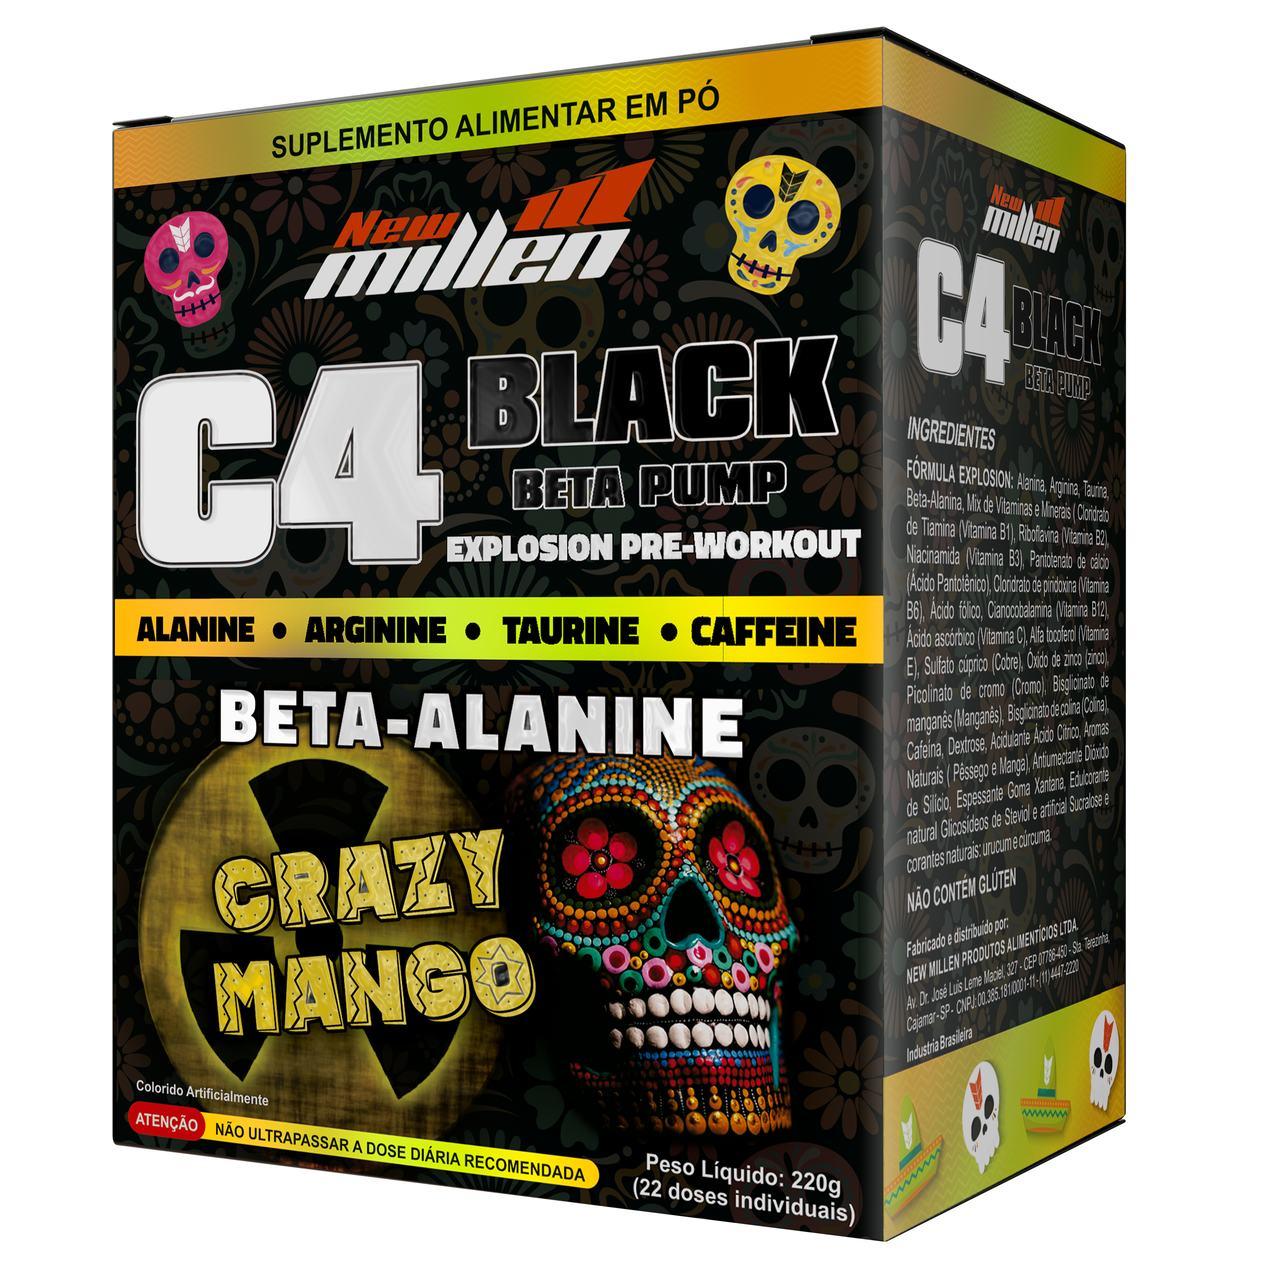 C4 Black Beta Pump (220g/22doses) -  New Millen